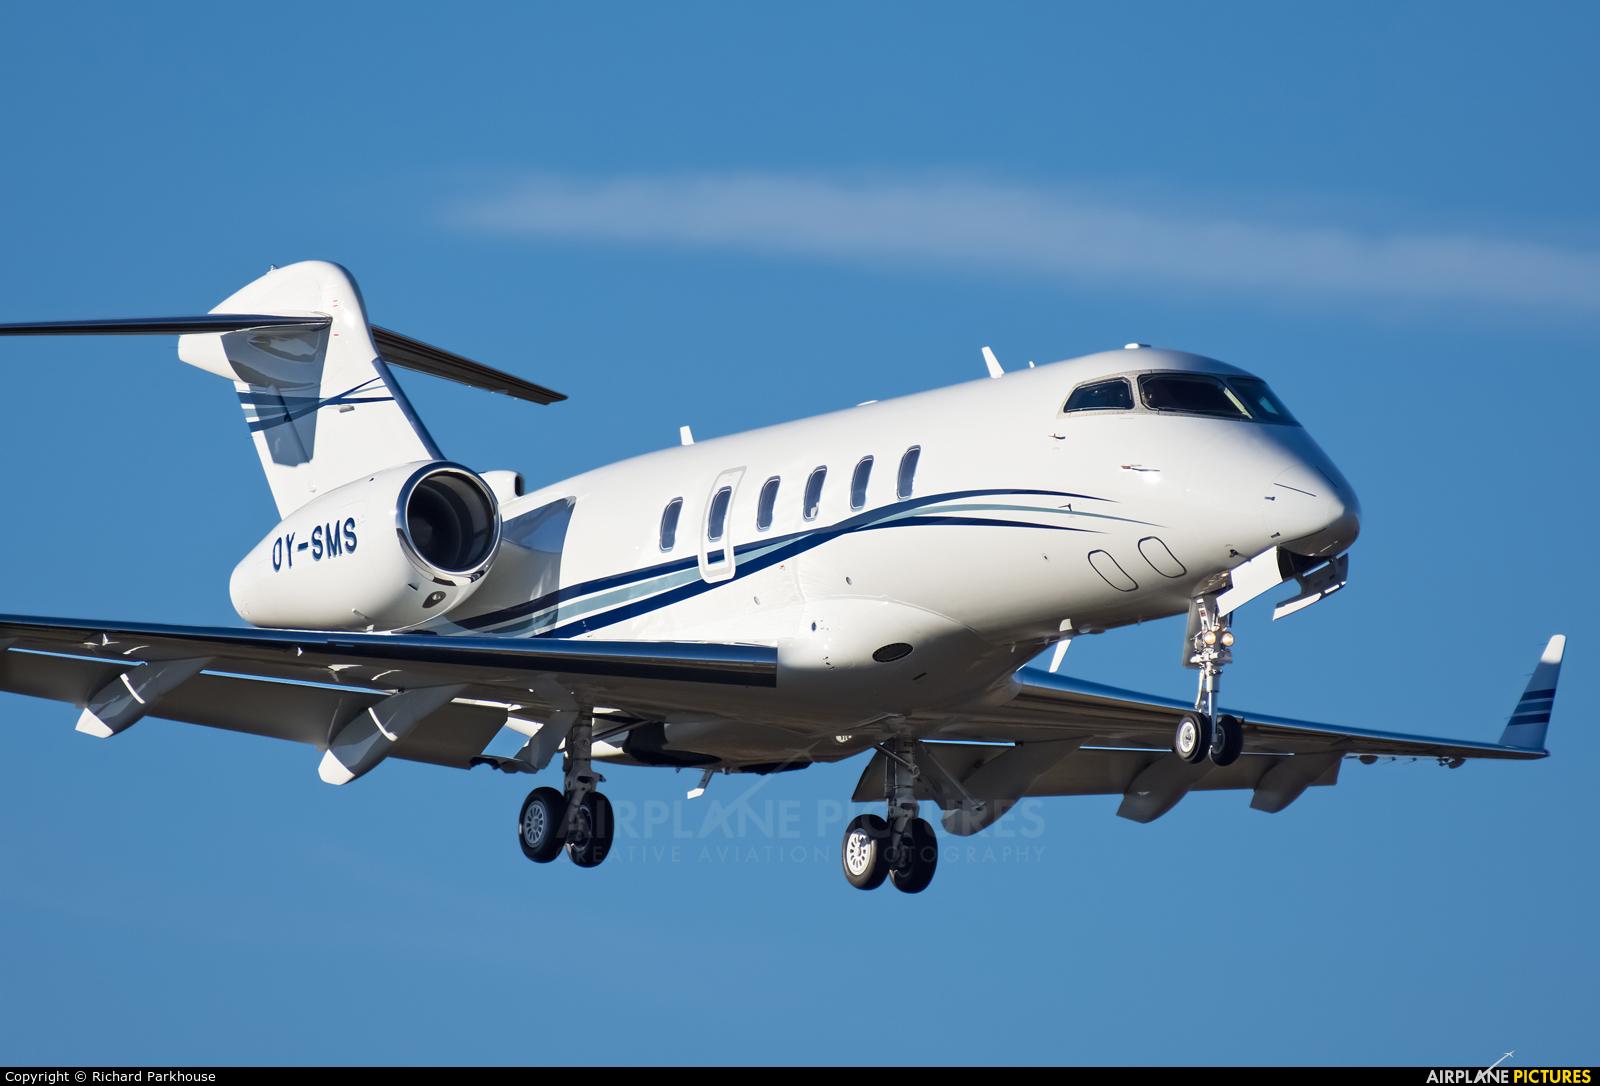 Execujet Europa AS OY-SMS aircraft at Farnborough